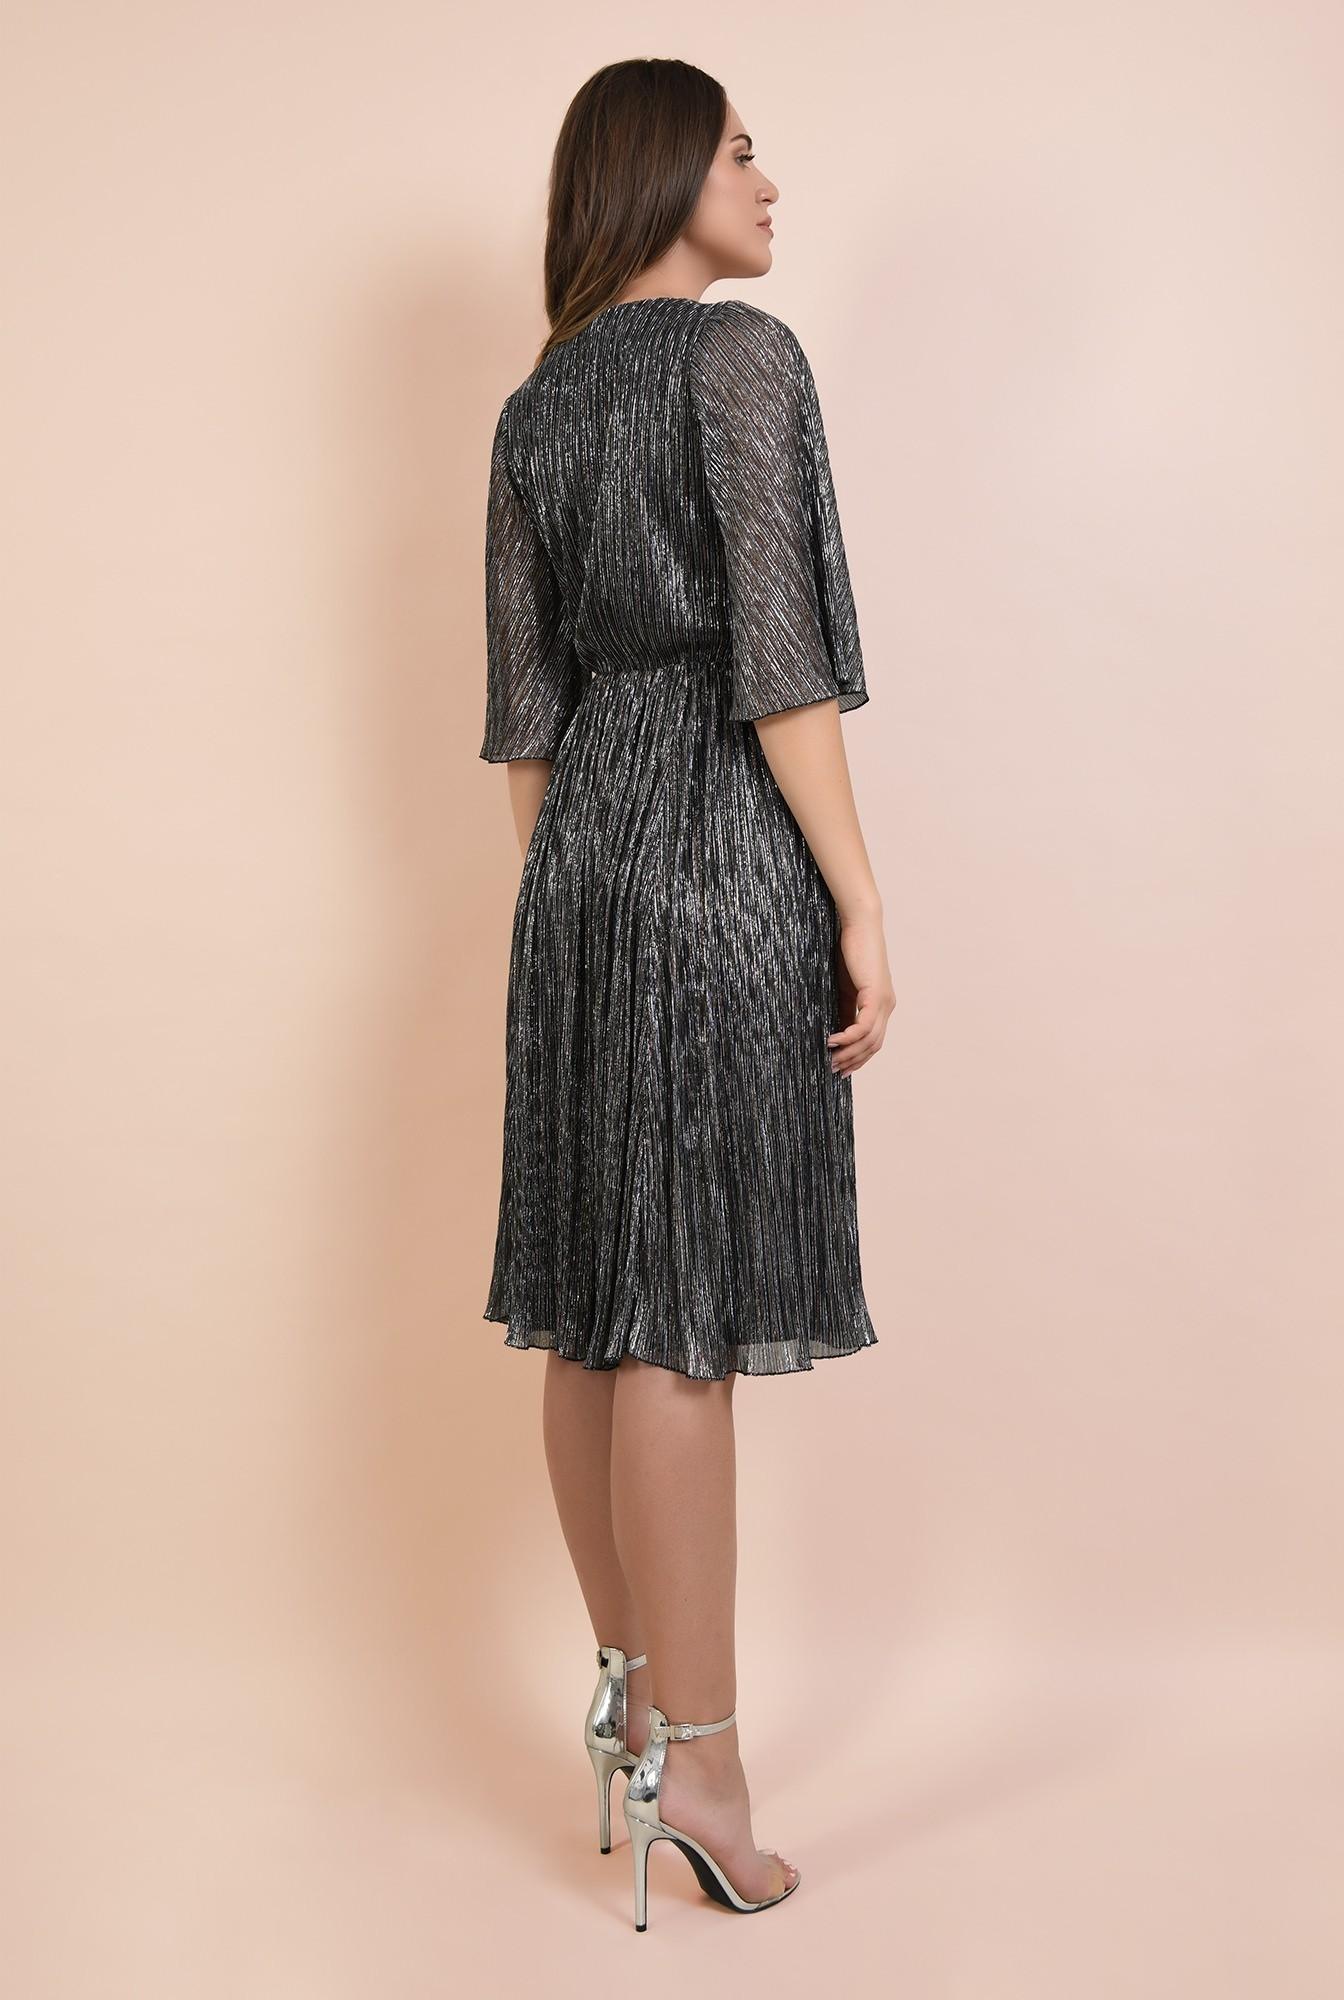 1 - rochie de ocazie, din lurex, fir metalic multicolor, maneci fluture, Poema